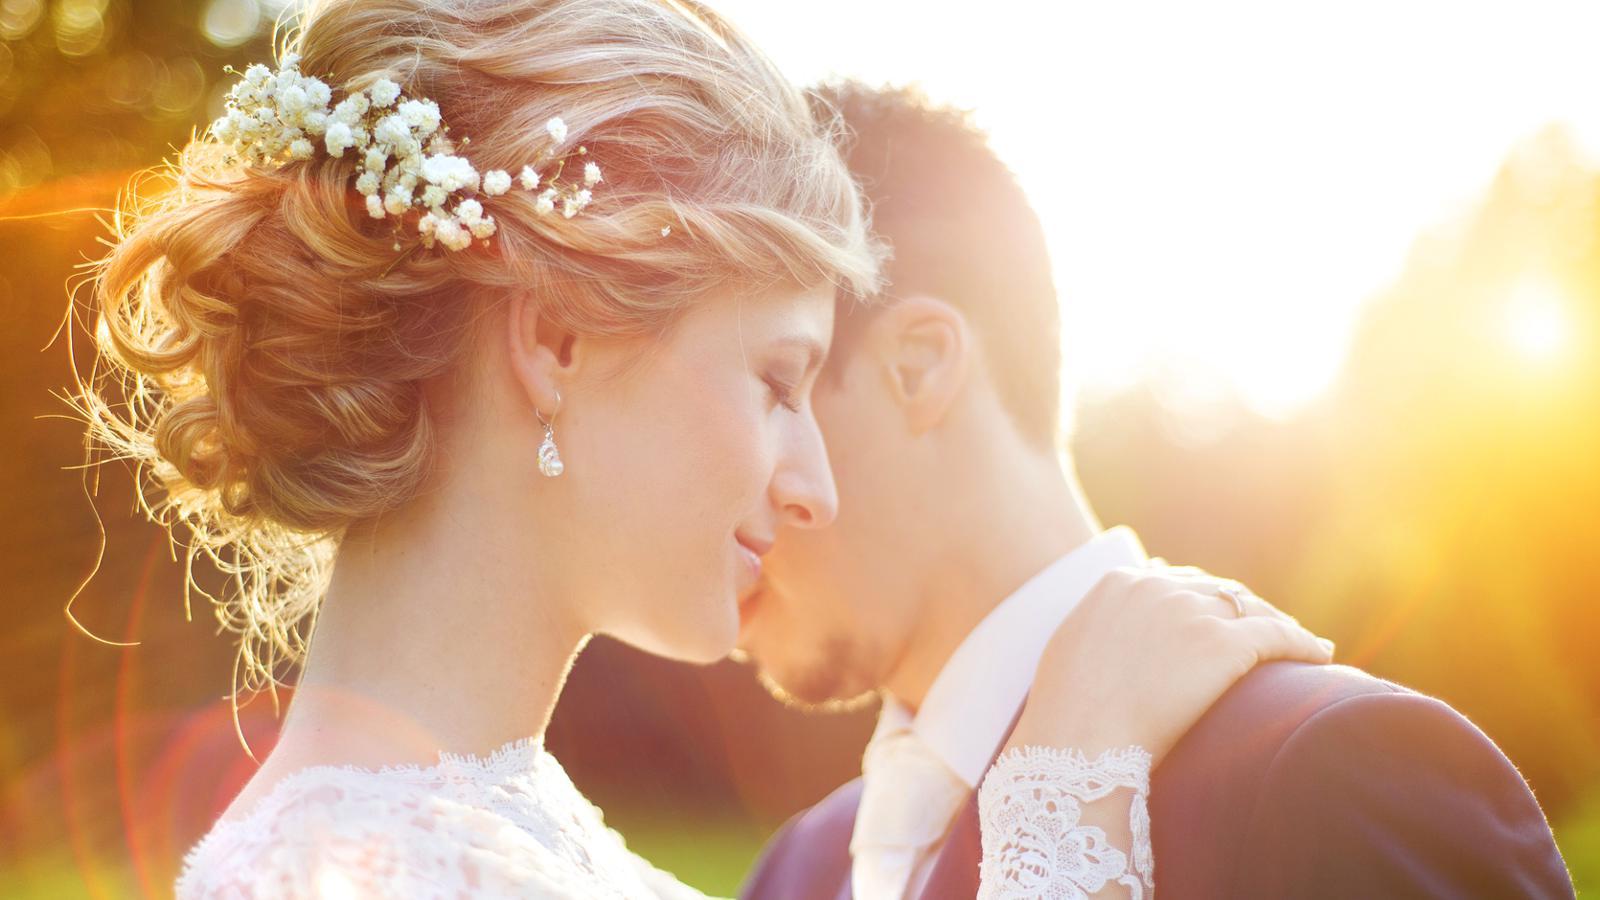 Tipps zur Hochzeitsvorbereitung fr die Braut  evidero